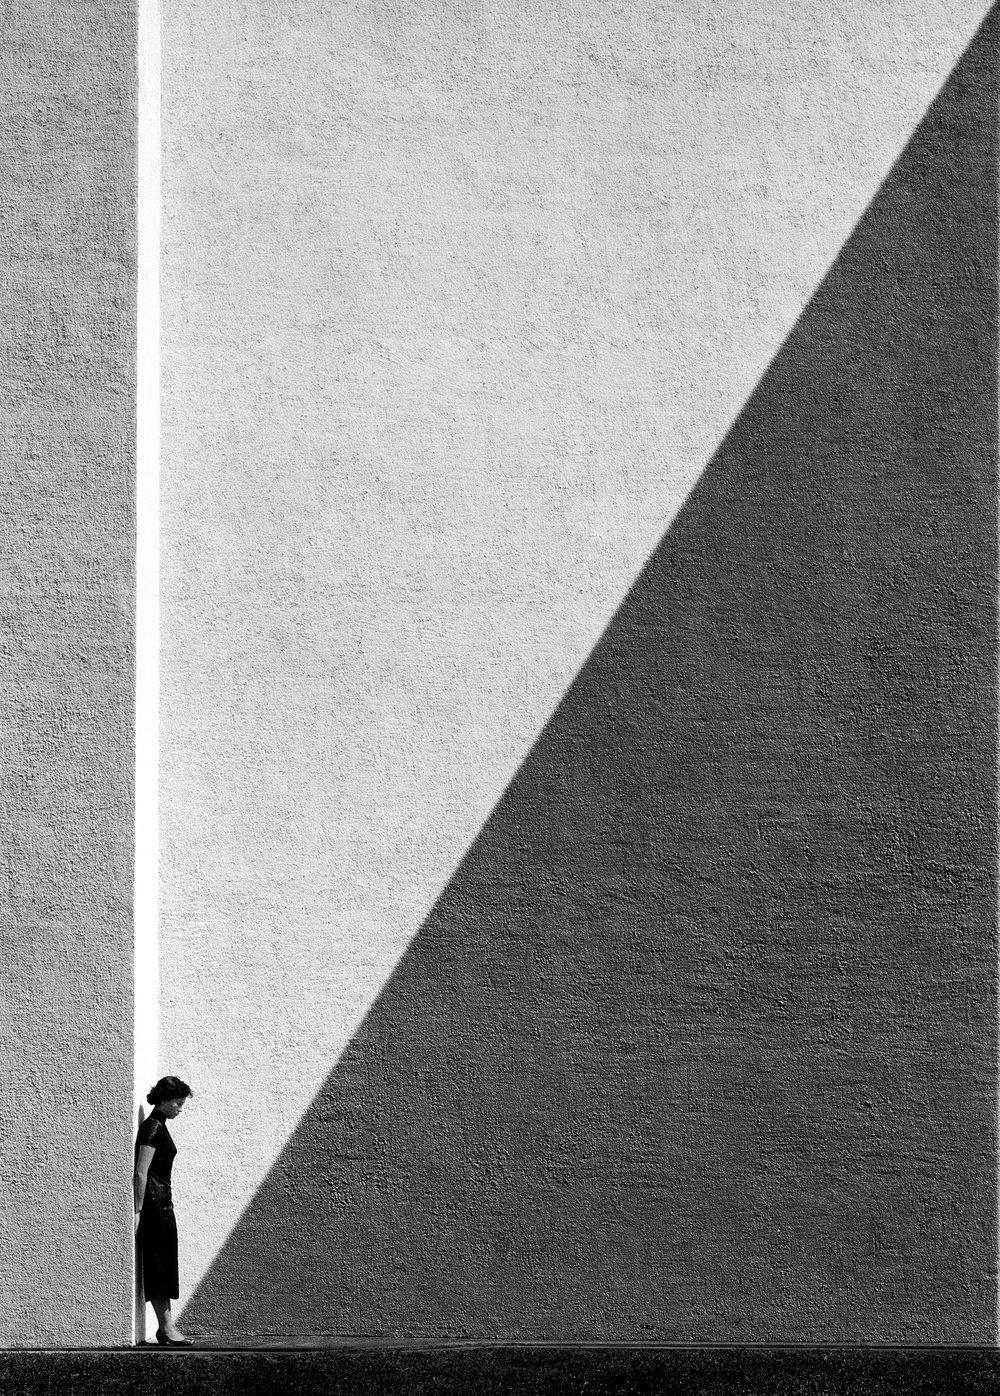 Fan Ho, Approaching Shadow, Hong Kong 1954